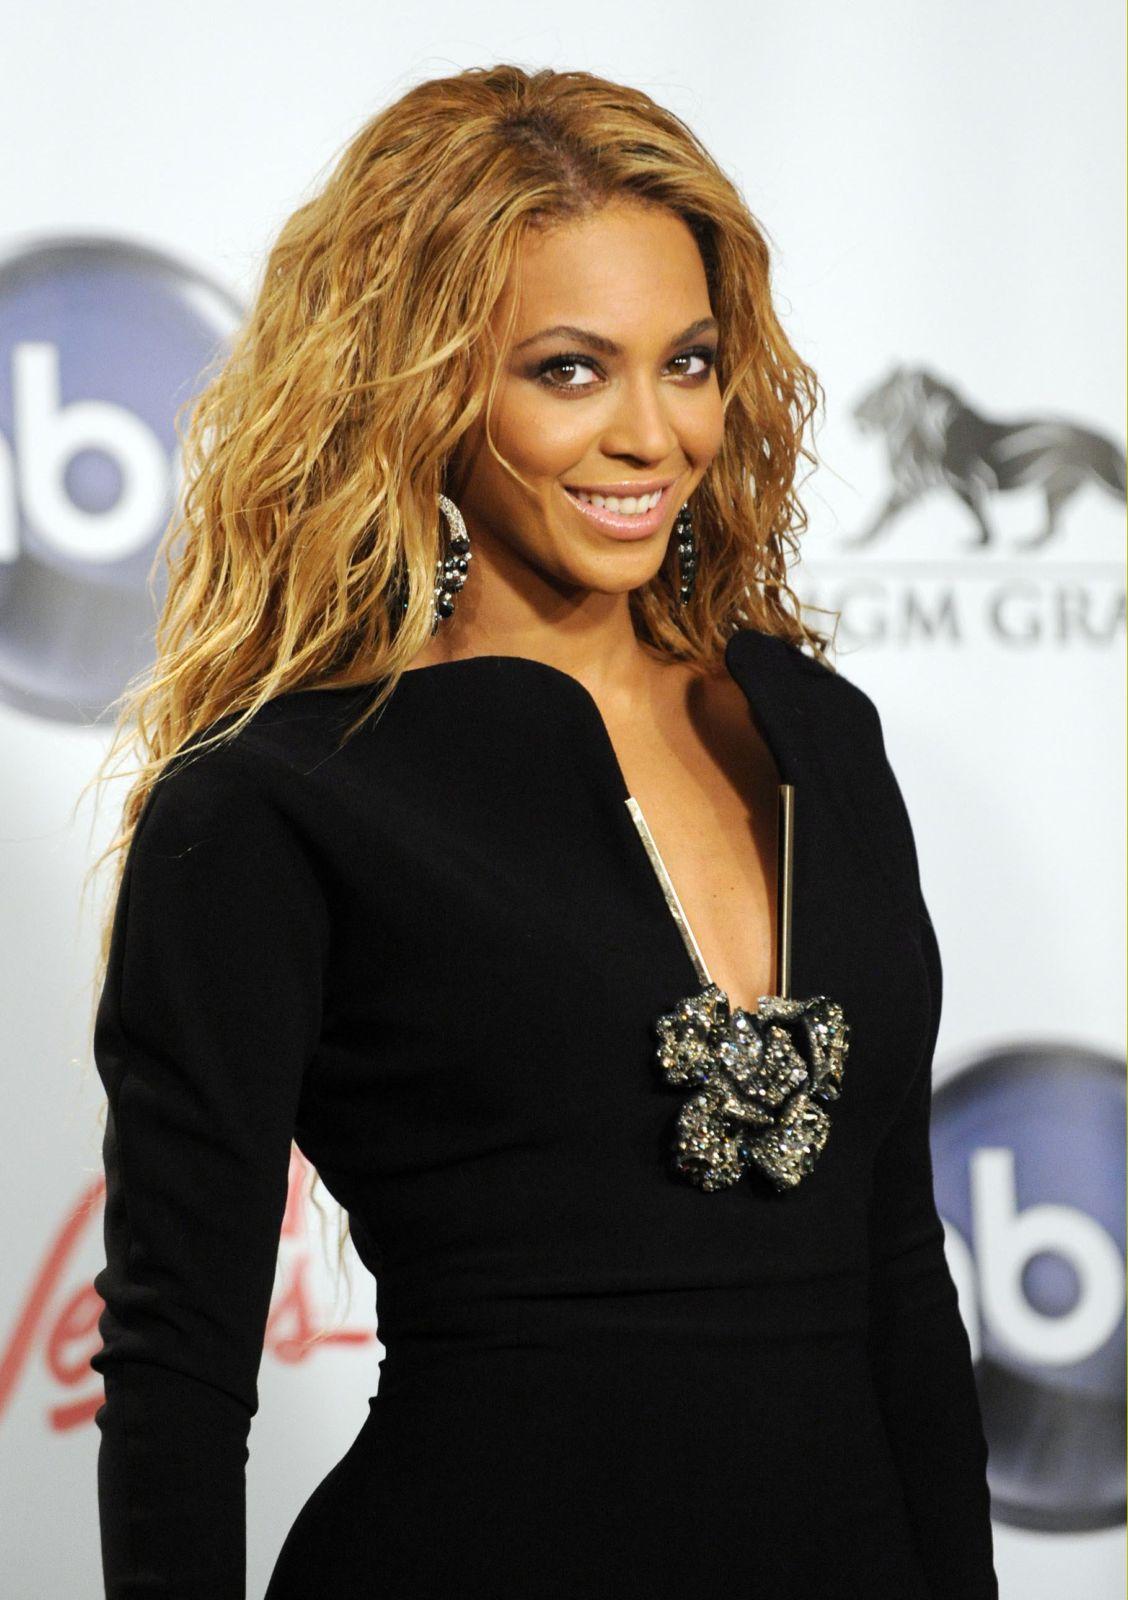 http://1.bp.blogspot.com/-ZlJ_a71eCPg/TmPVeE_yNqI/AAAAAAAAAhQ/5XmKvn_vo60/s1600/Beyonce-Knowles-pics-images-songs-lyrics-photos-films-movies-pictures-singlelady+%25283%2529.jpg